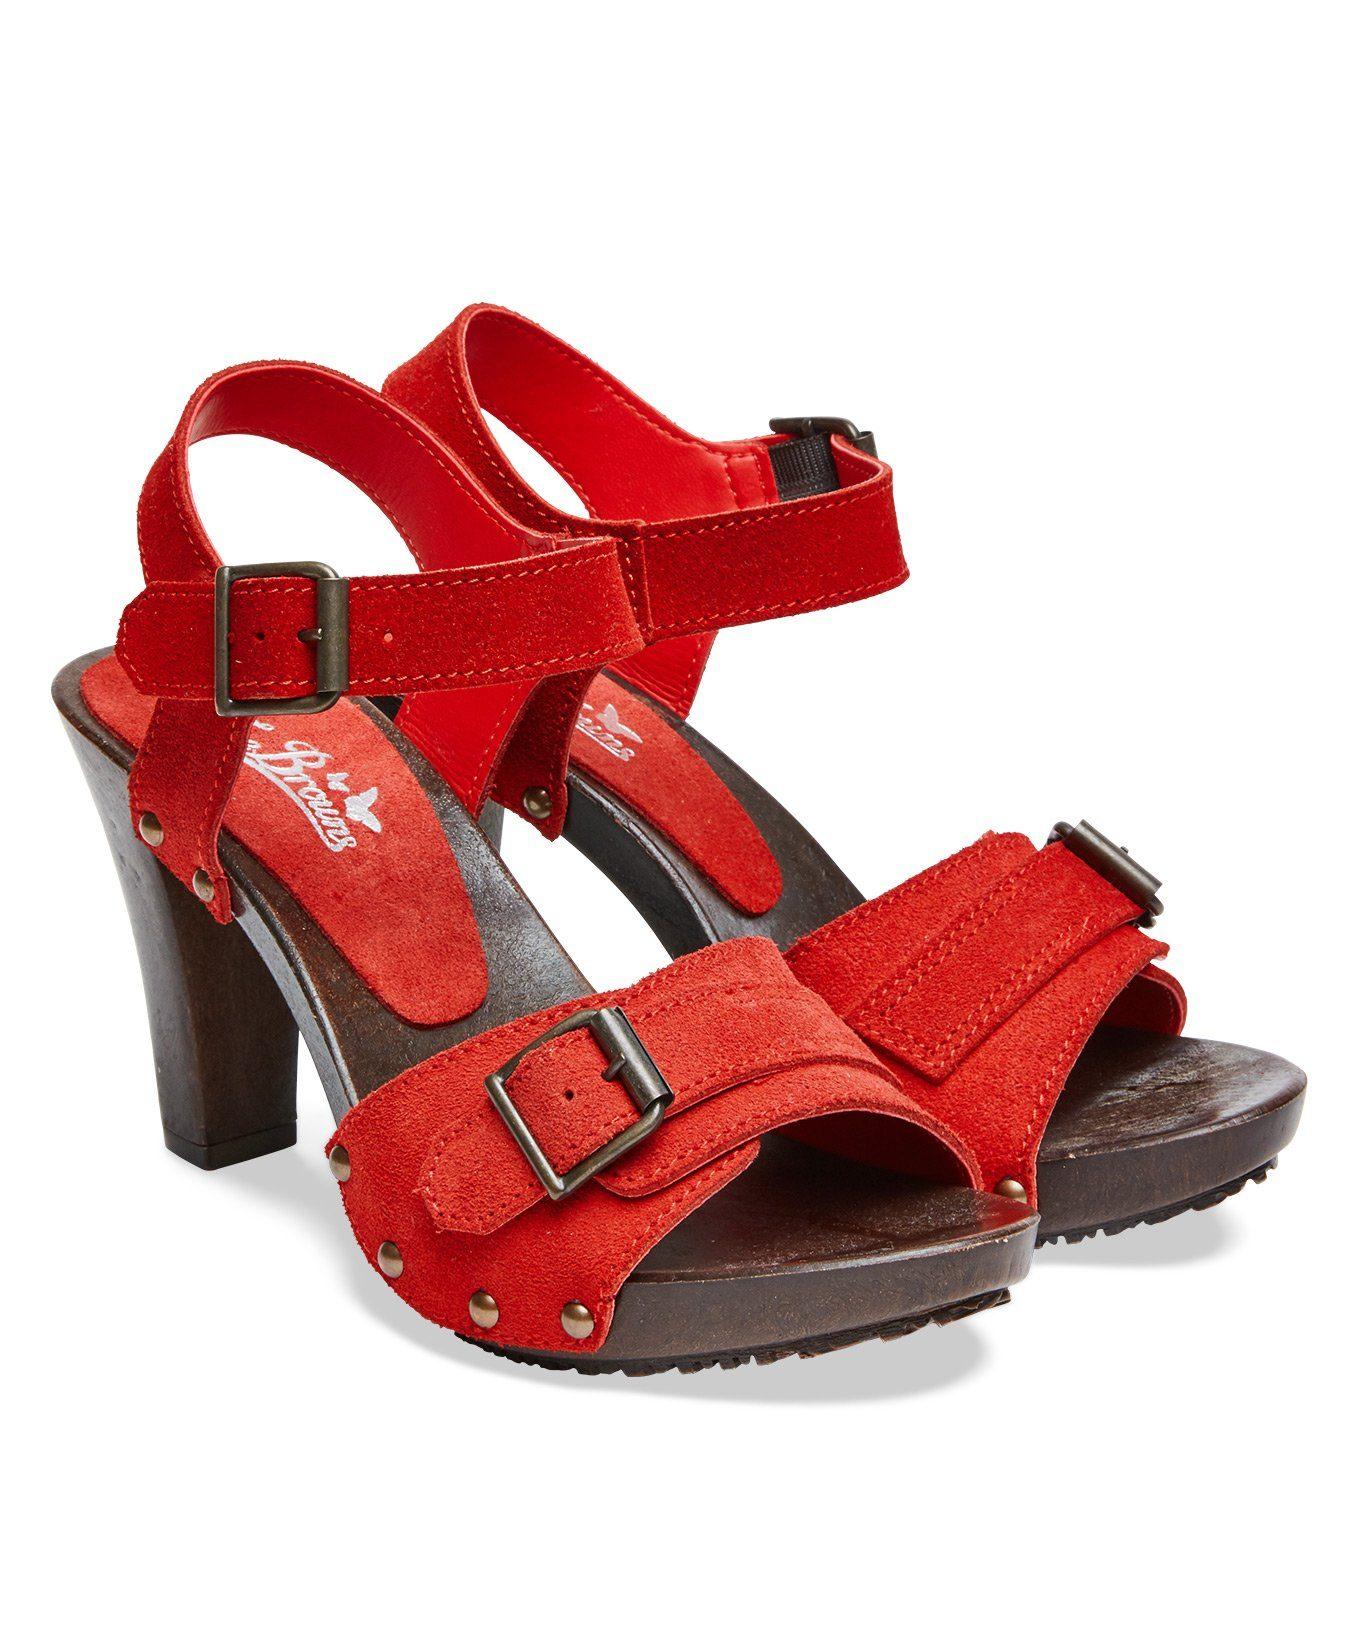 Die Billigsten Sandalette Keilsandalette Rosa Gr. 41 Joe Browns Rabatt Footlocker Bilder Für Schön MseVNcch